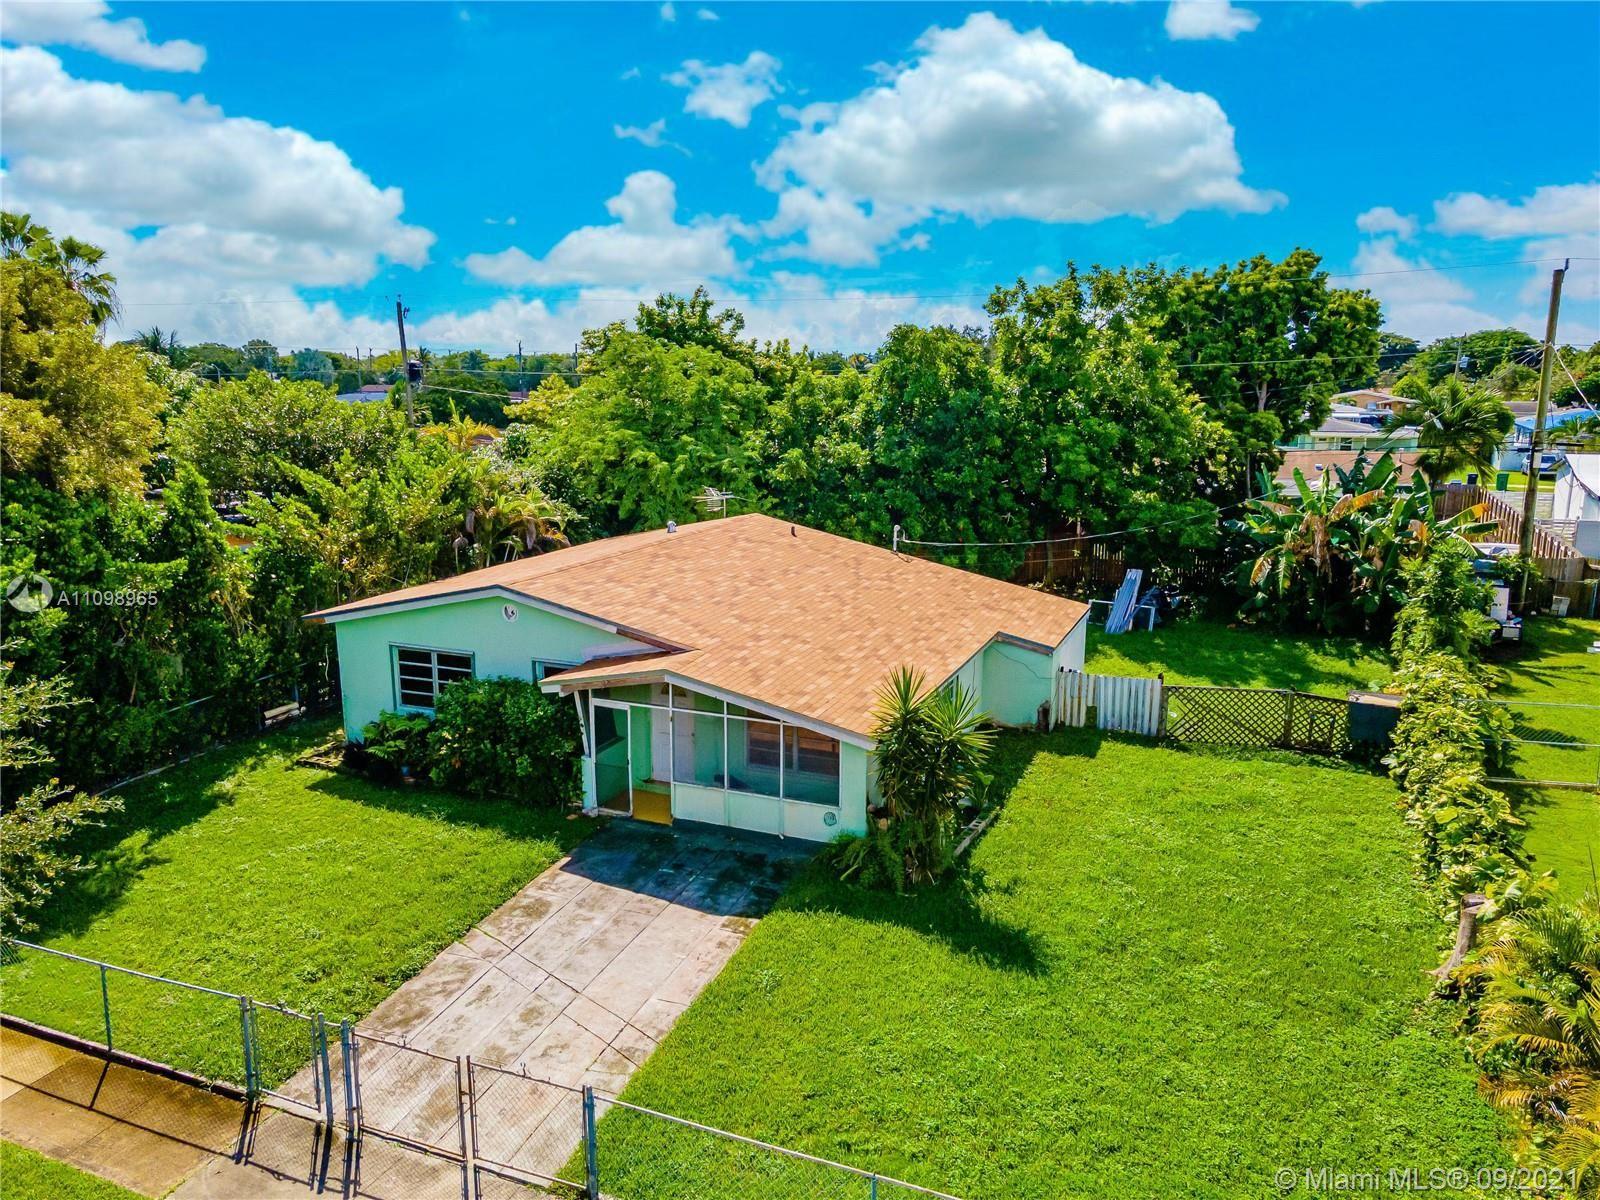 9930 Martinique Dr, Cutler Bay, FL 33189 - #: A11098965